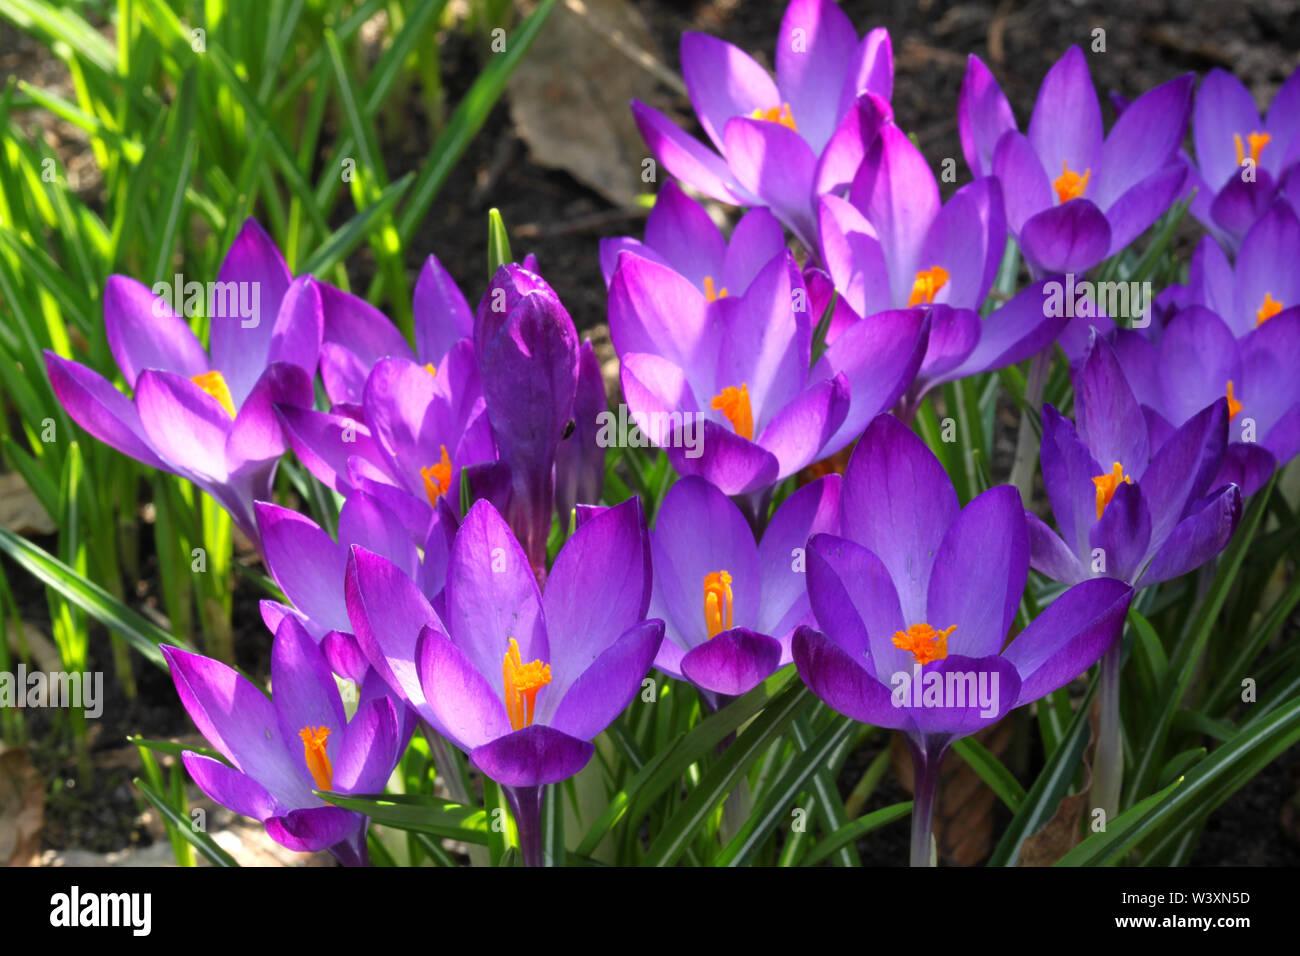 Violeta hermosa crocus flores en el jardín. Signo de la primavera Imagen De Stock